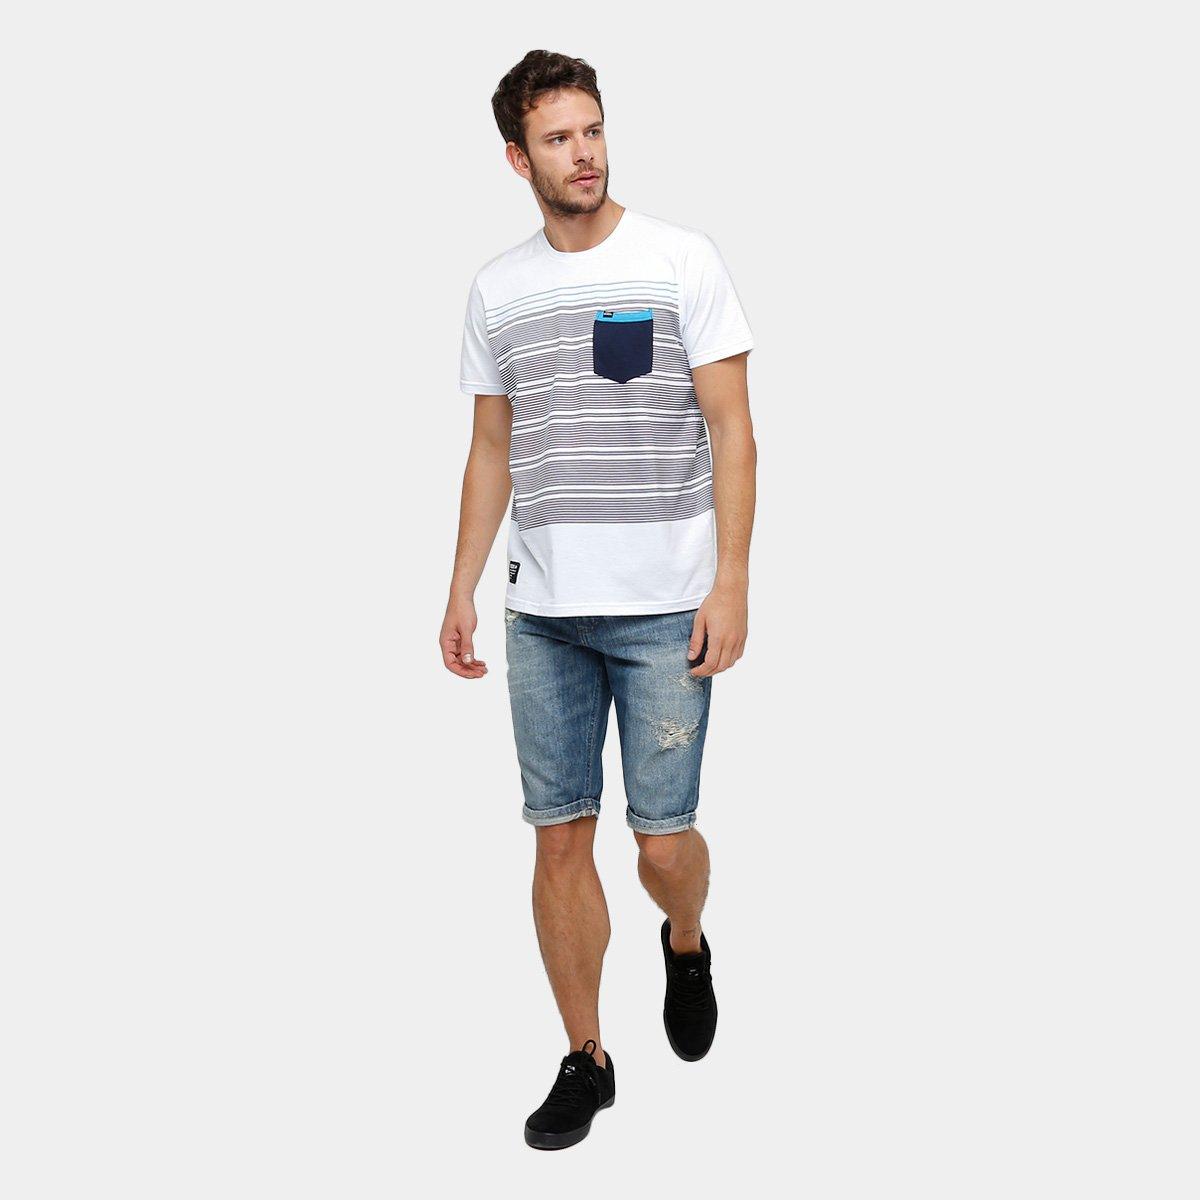 Camiseta Okdok Classic C  Bolso Masculina - Compre Agora  df5d922c23a